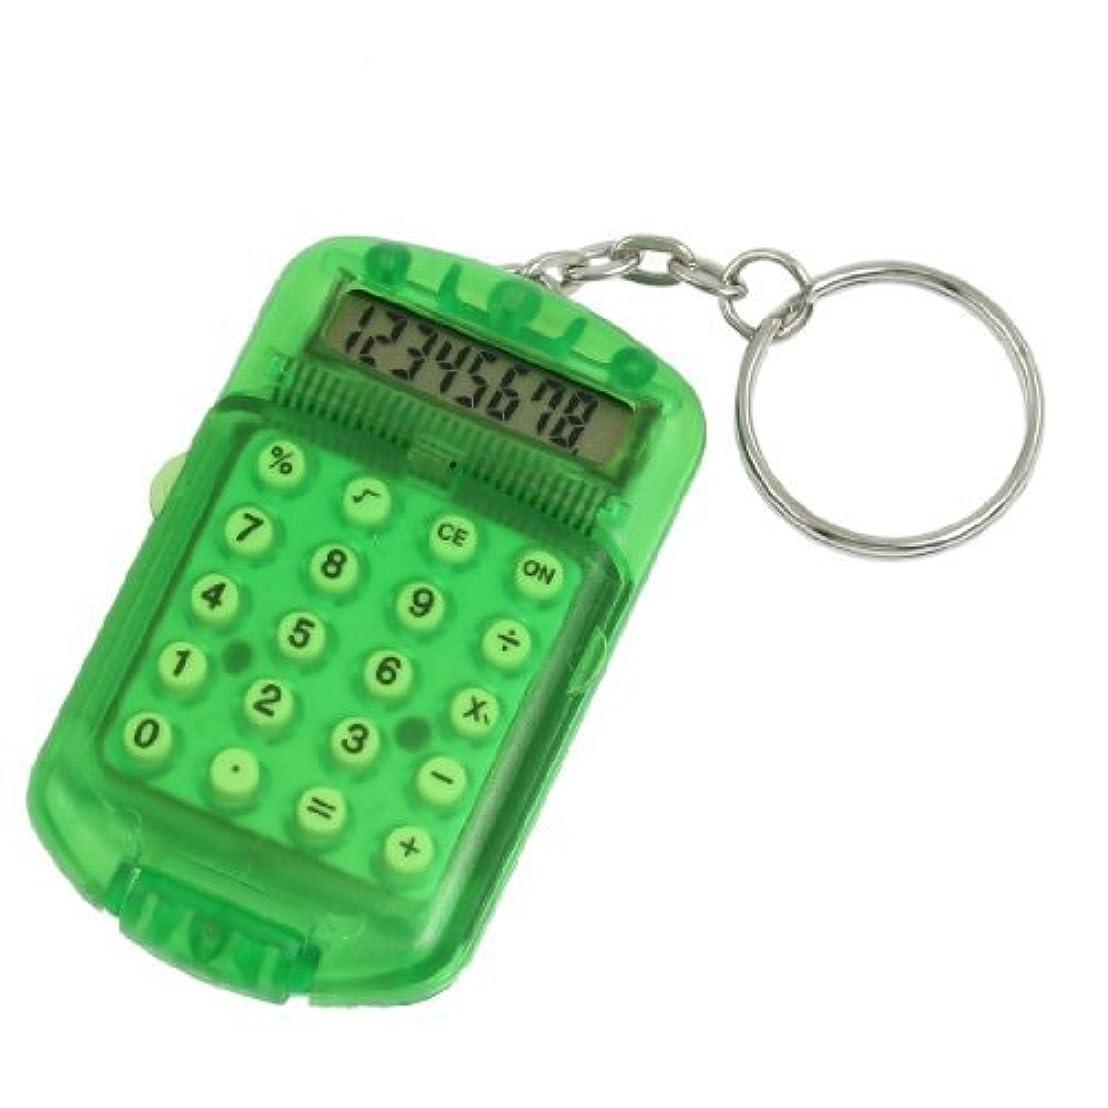 揺れる移住する防衛DealMuxプラスチックポケット8桁LCDディスプレイ電卓、ダークグリーン